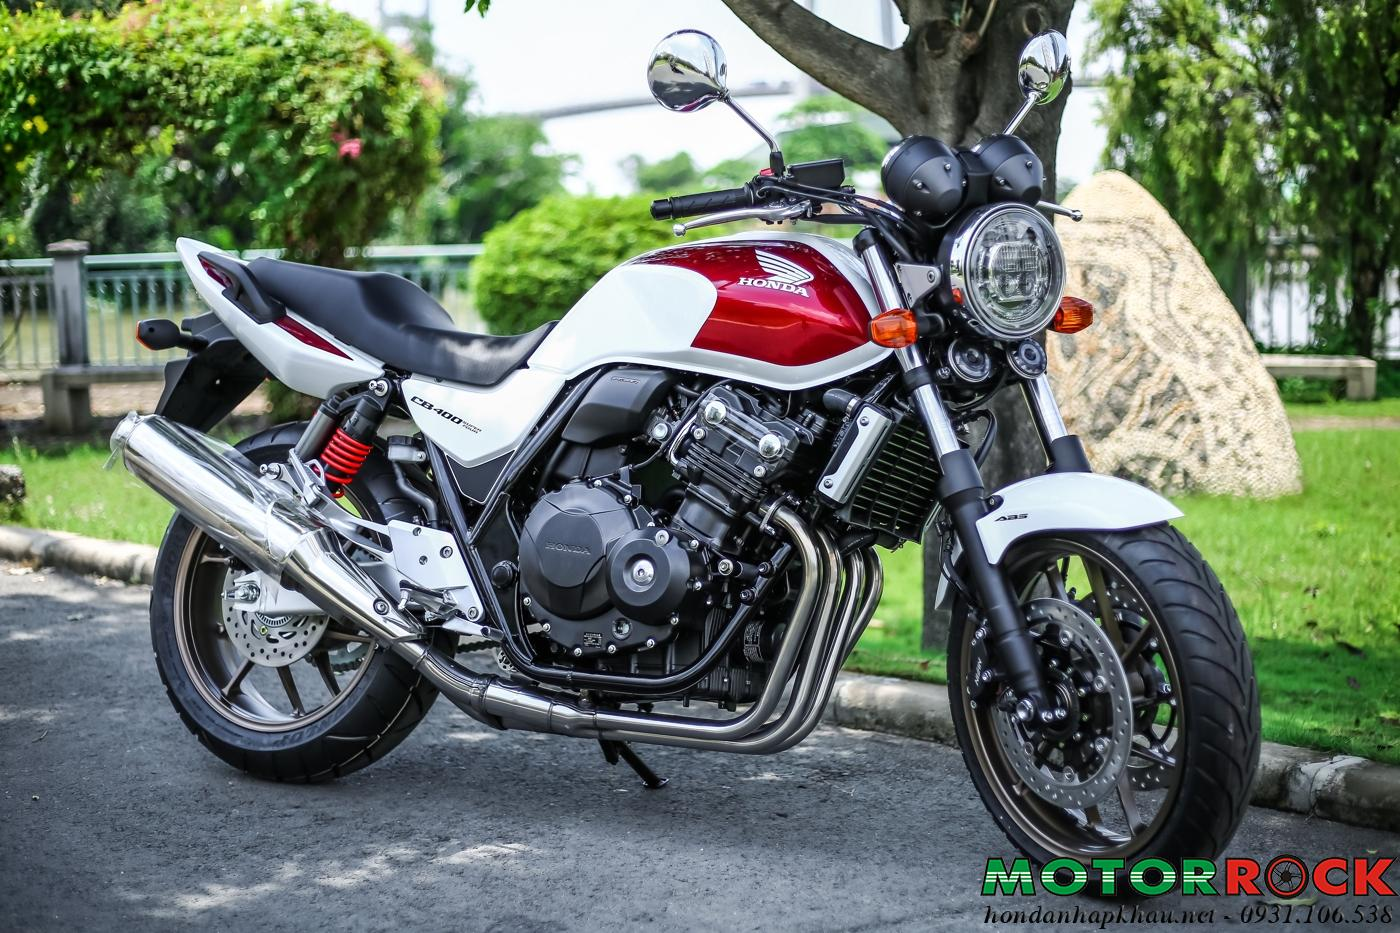 2018 Honda CB400SF bản đặc biệt kỹ niện 25 năm CB Honda